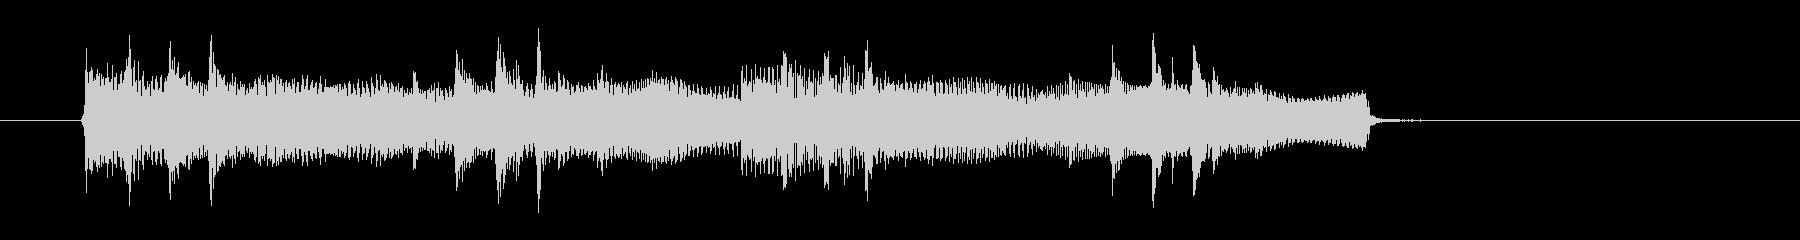 シリアスとドキドキ感シンセギターサウンドの未再生の波形